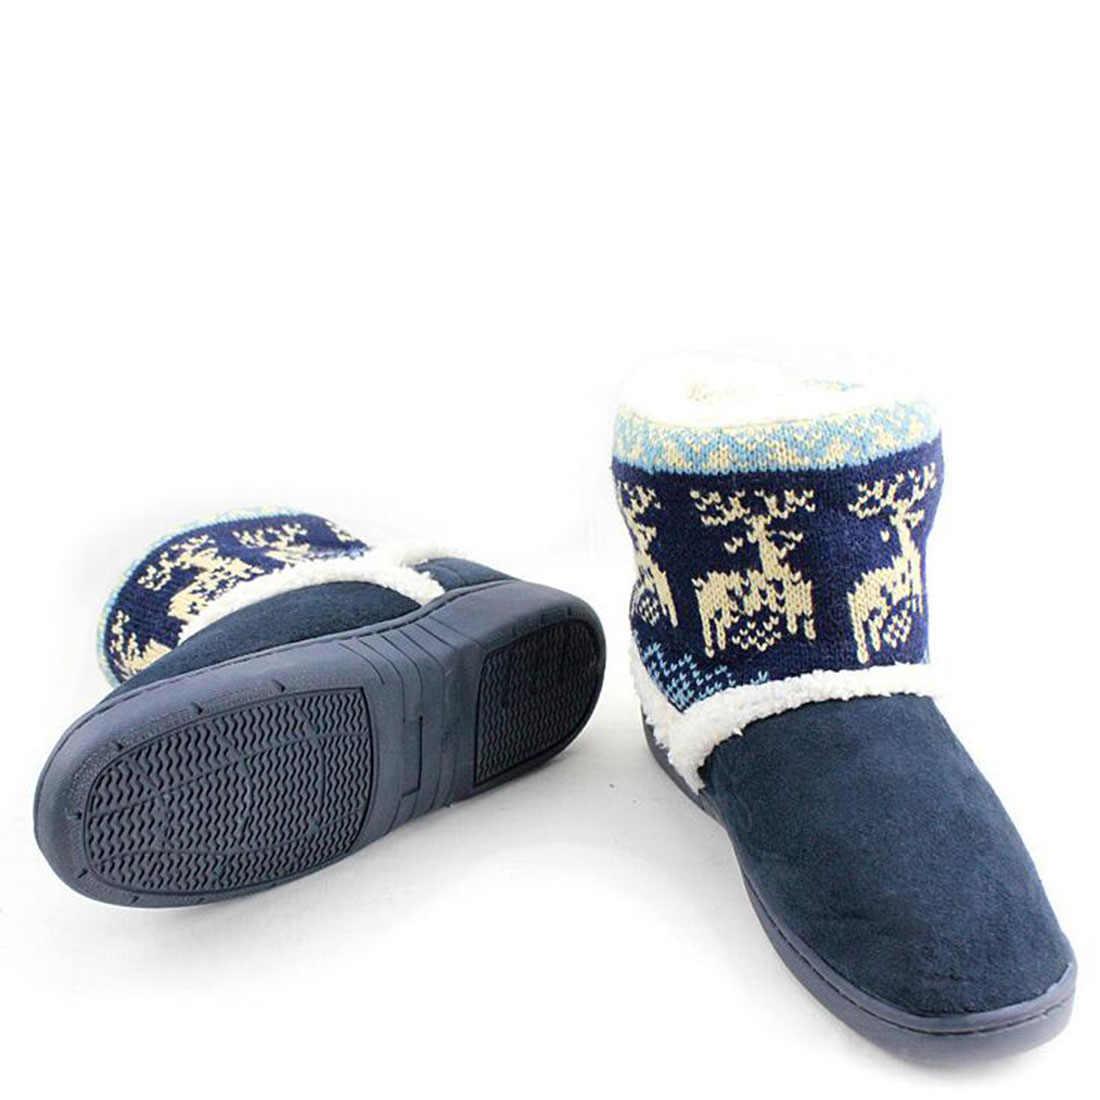 Принт с оленем зимние пинетки женское утепленное плотное Лось Для женщин пара ботильоны плюшевые сапоги на меховой подкладке домашние Невысокие туфли